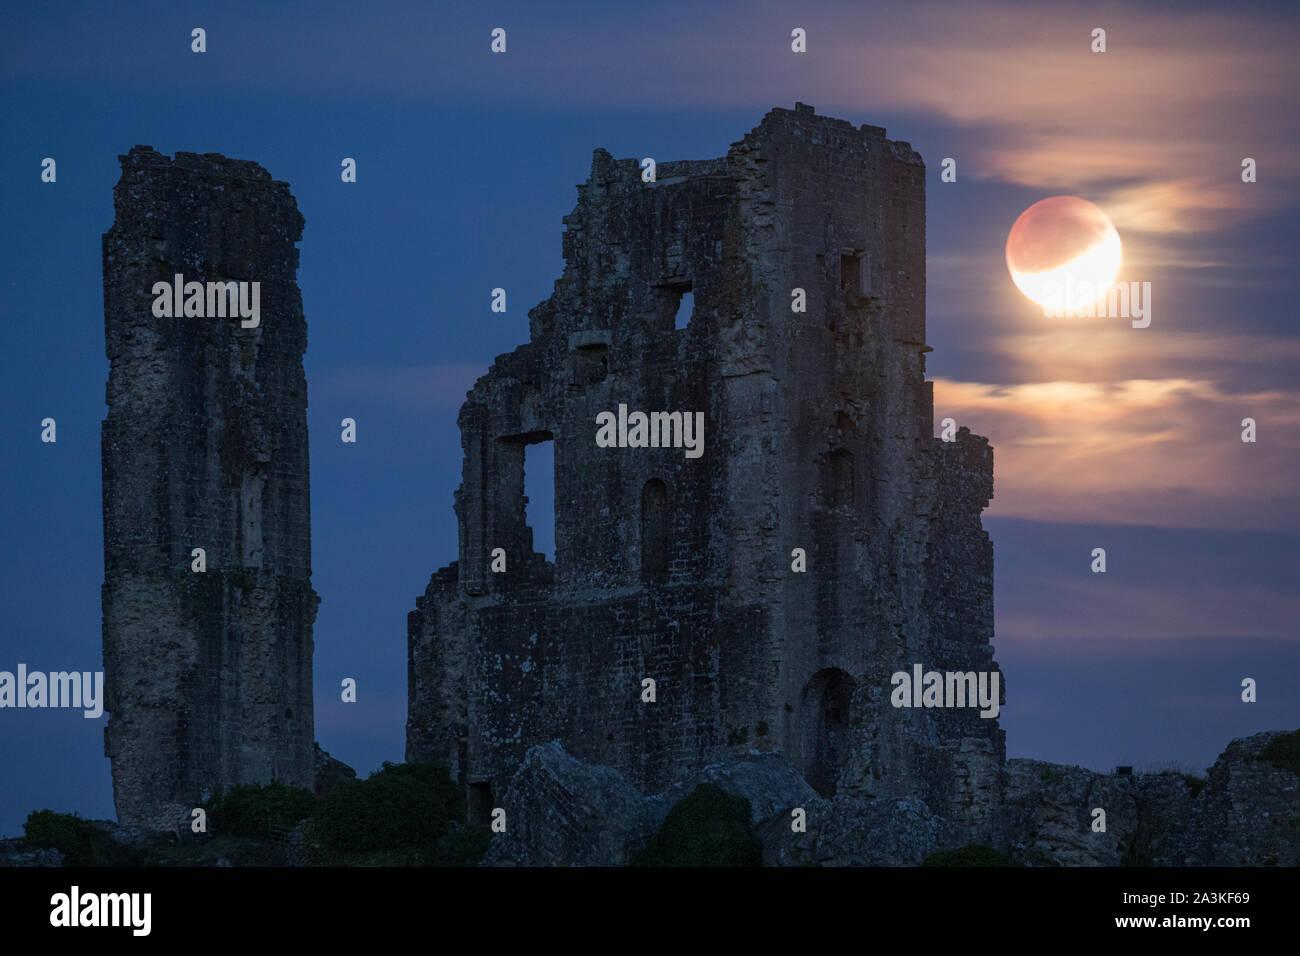 La lune en éclipse partiellement plus de Corfe Castle, Dorset, England, UK Banque D'Images